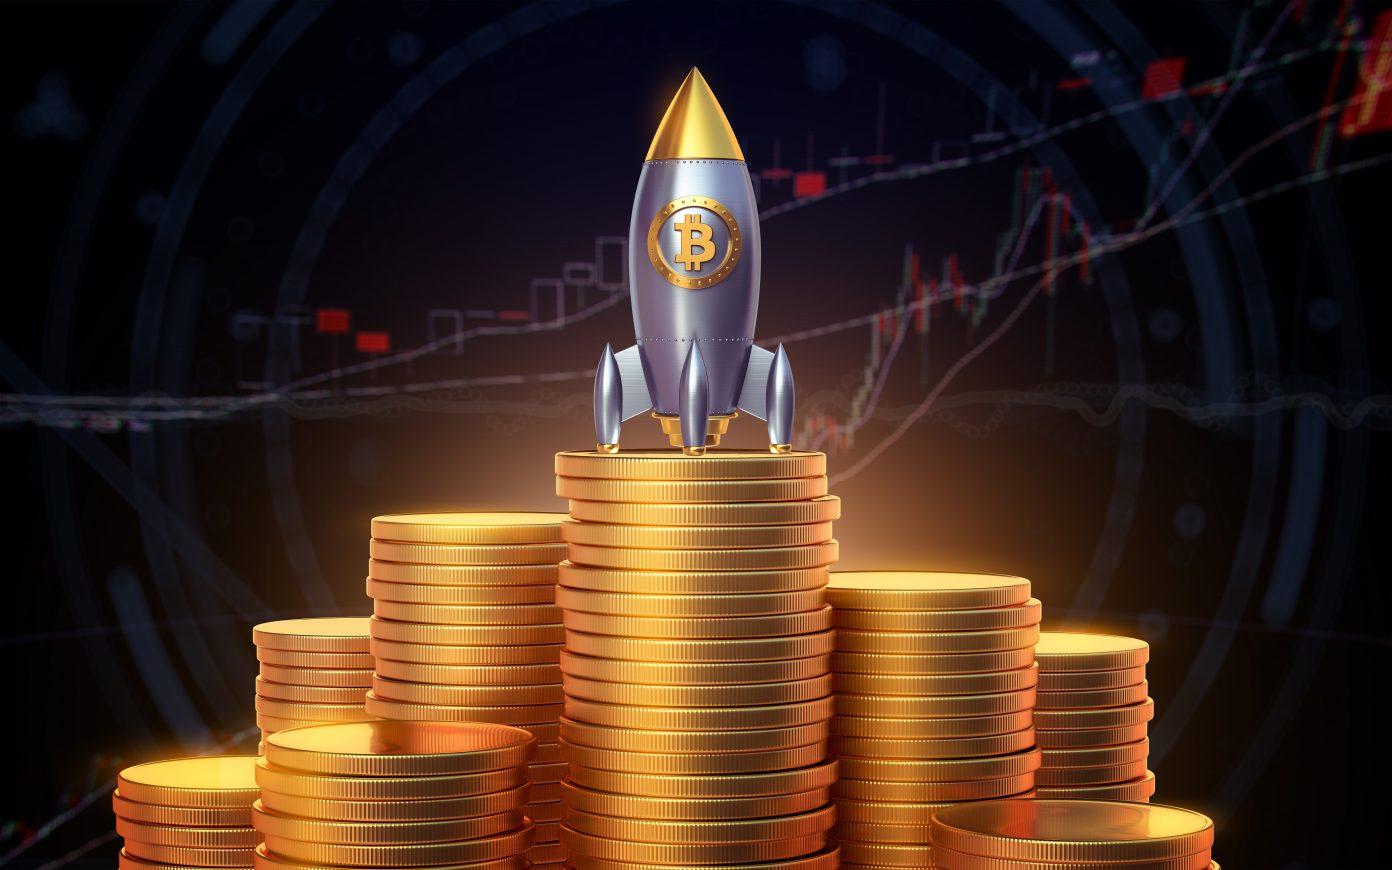 bitcoin 8 bin doları geçti sırada ne var